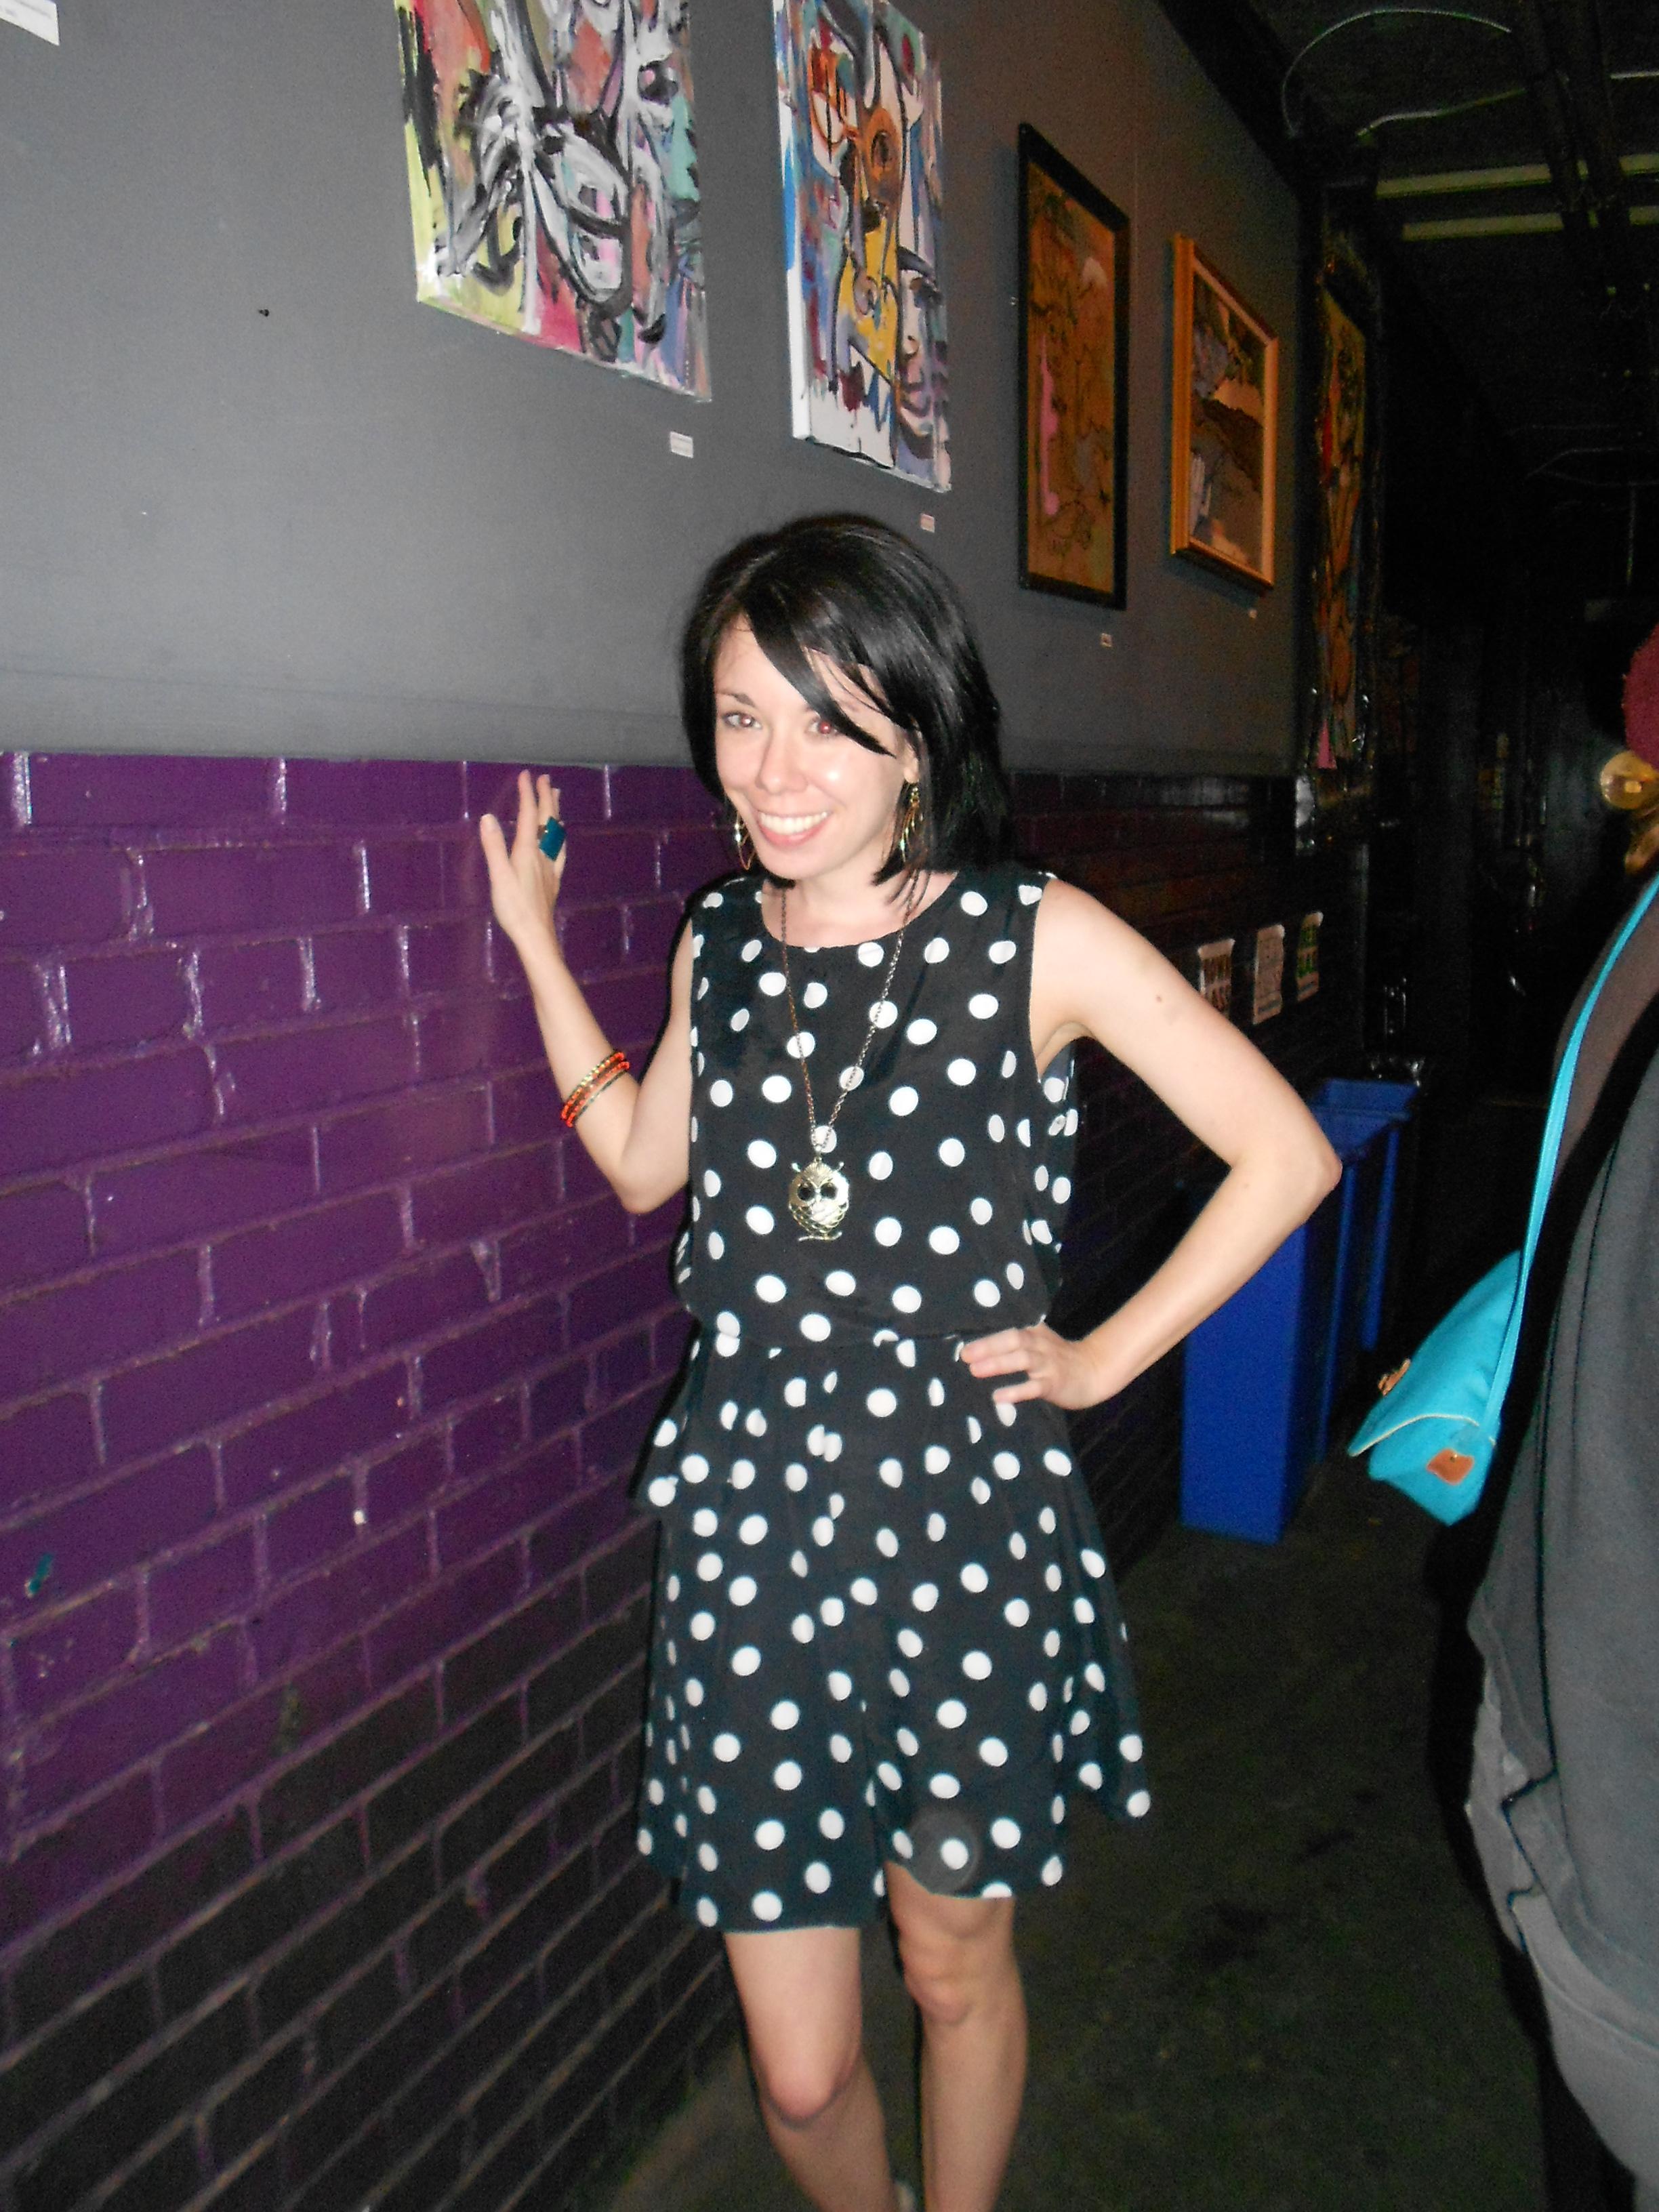 Day 243: Feeling Spotty Dress 13